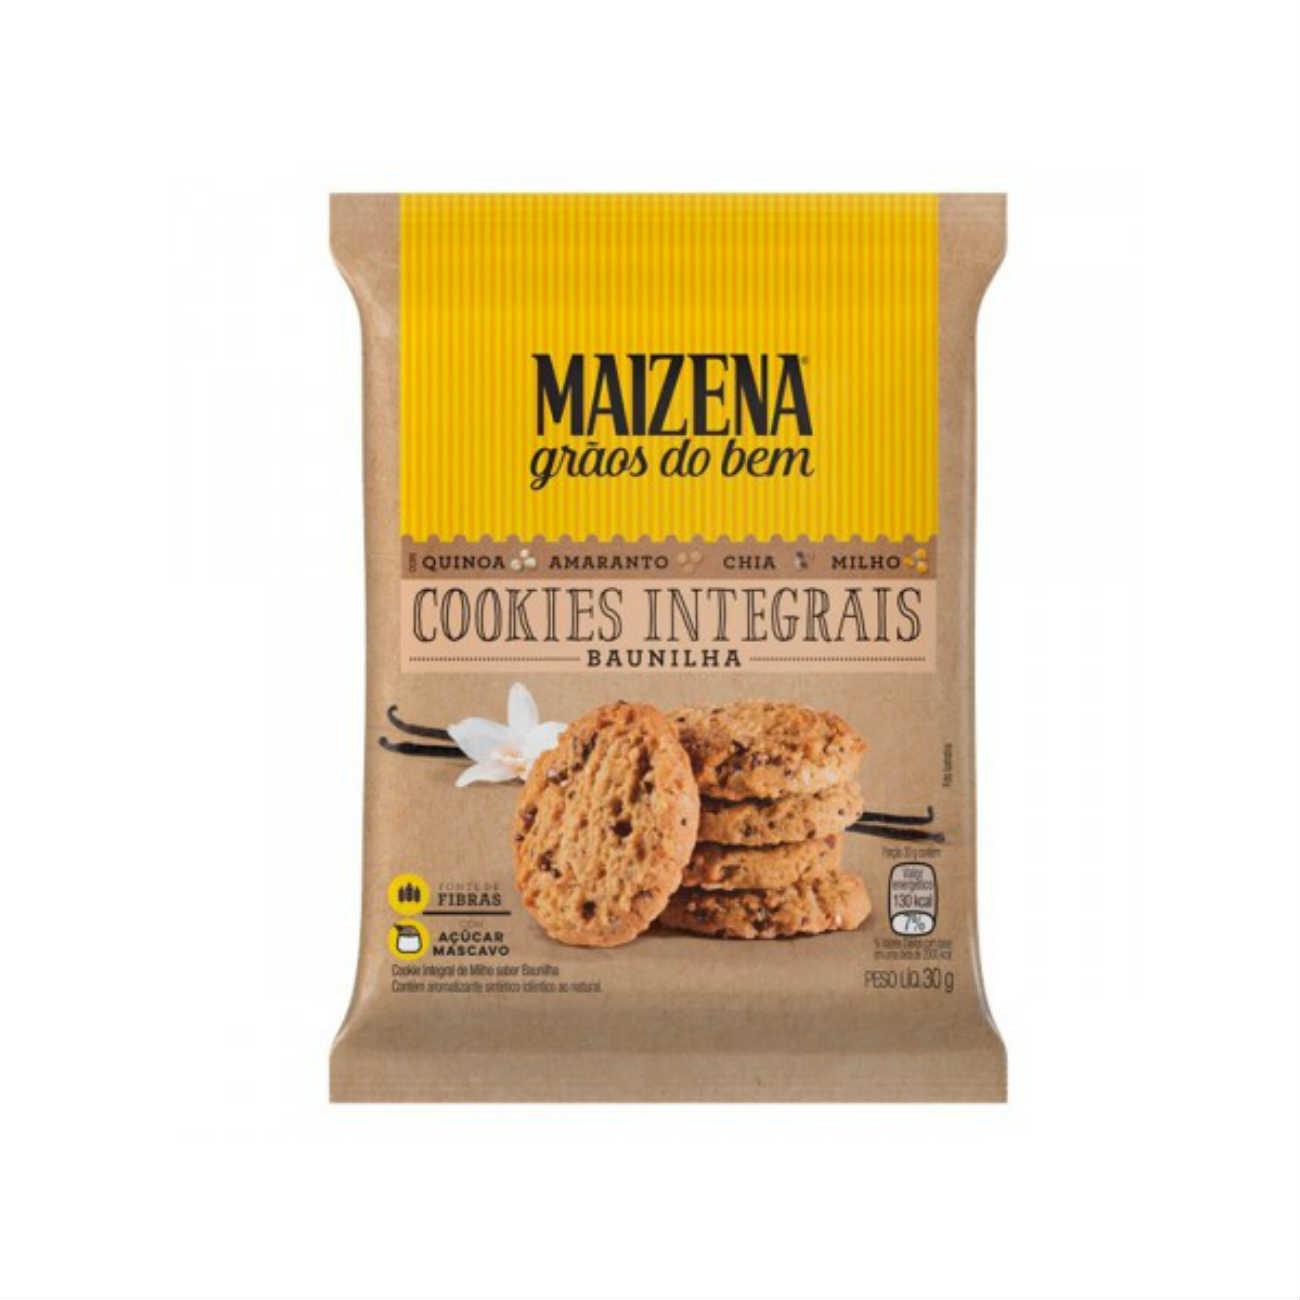 Cookies Integrais Maizena Baunilha 30g